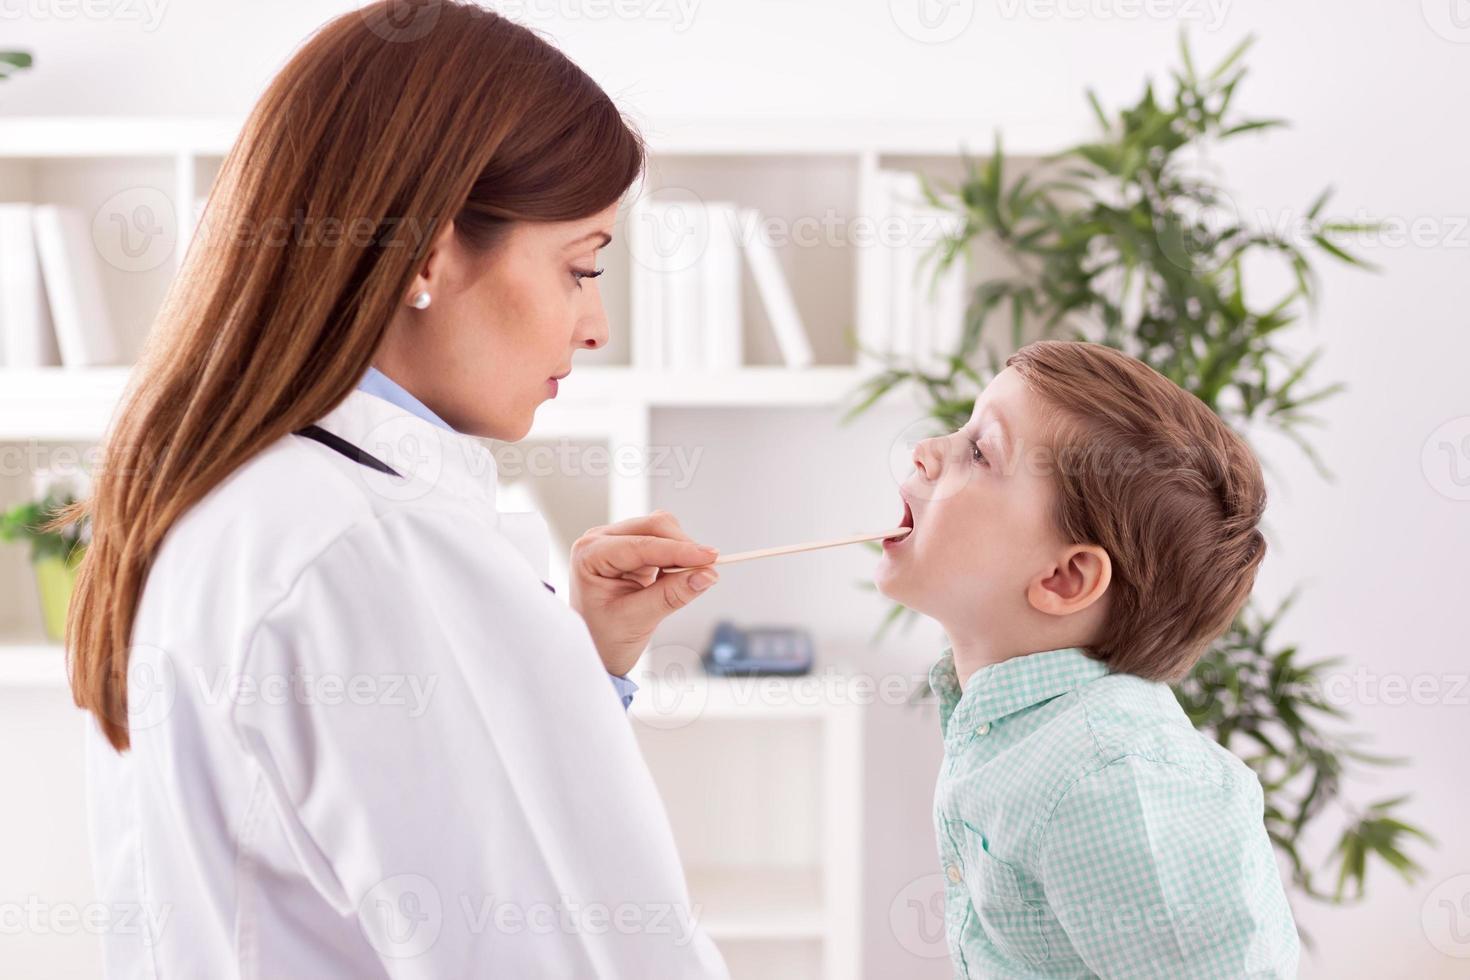 médico examinando criança foto